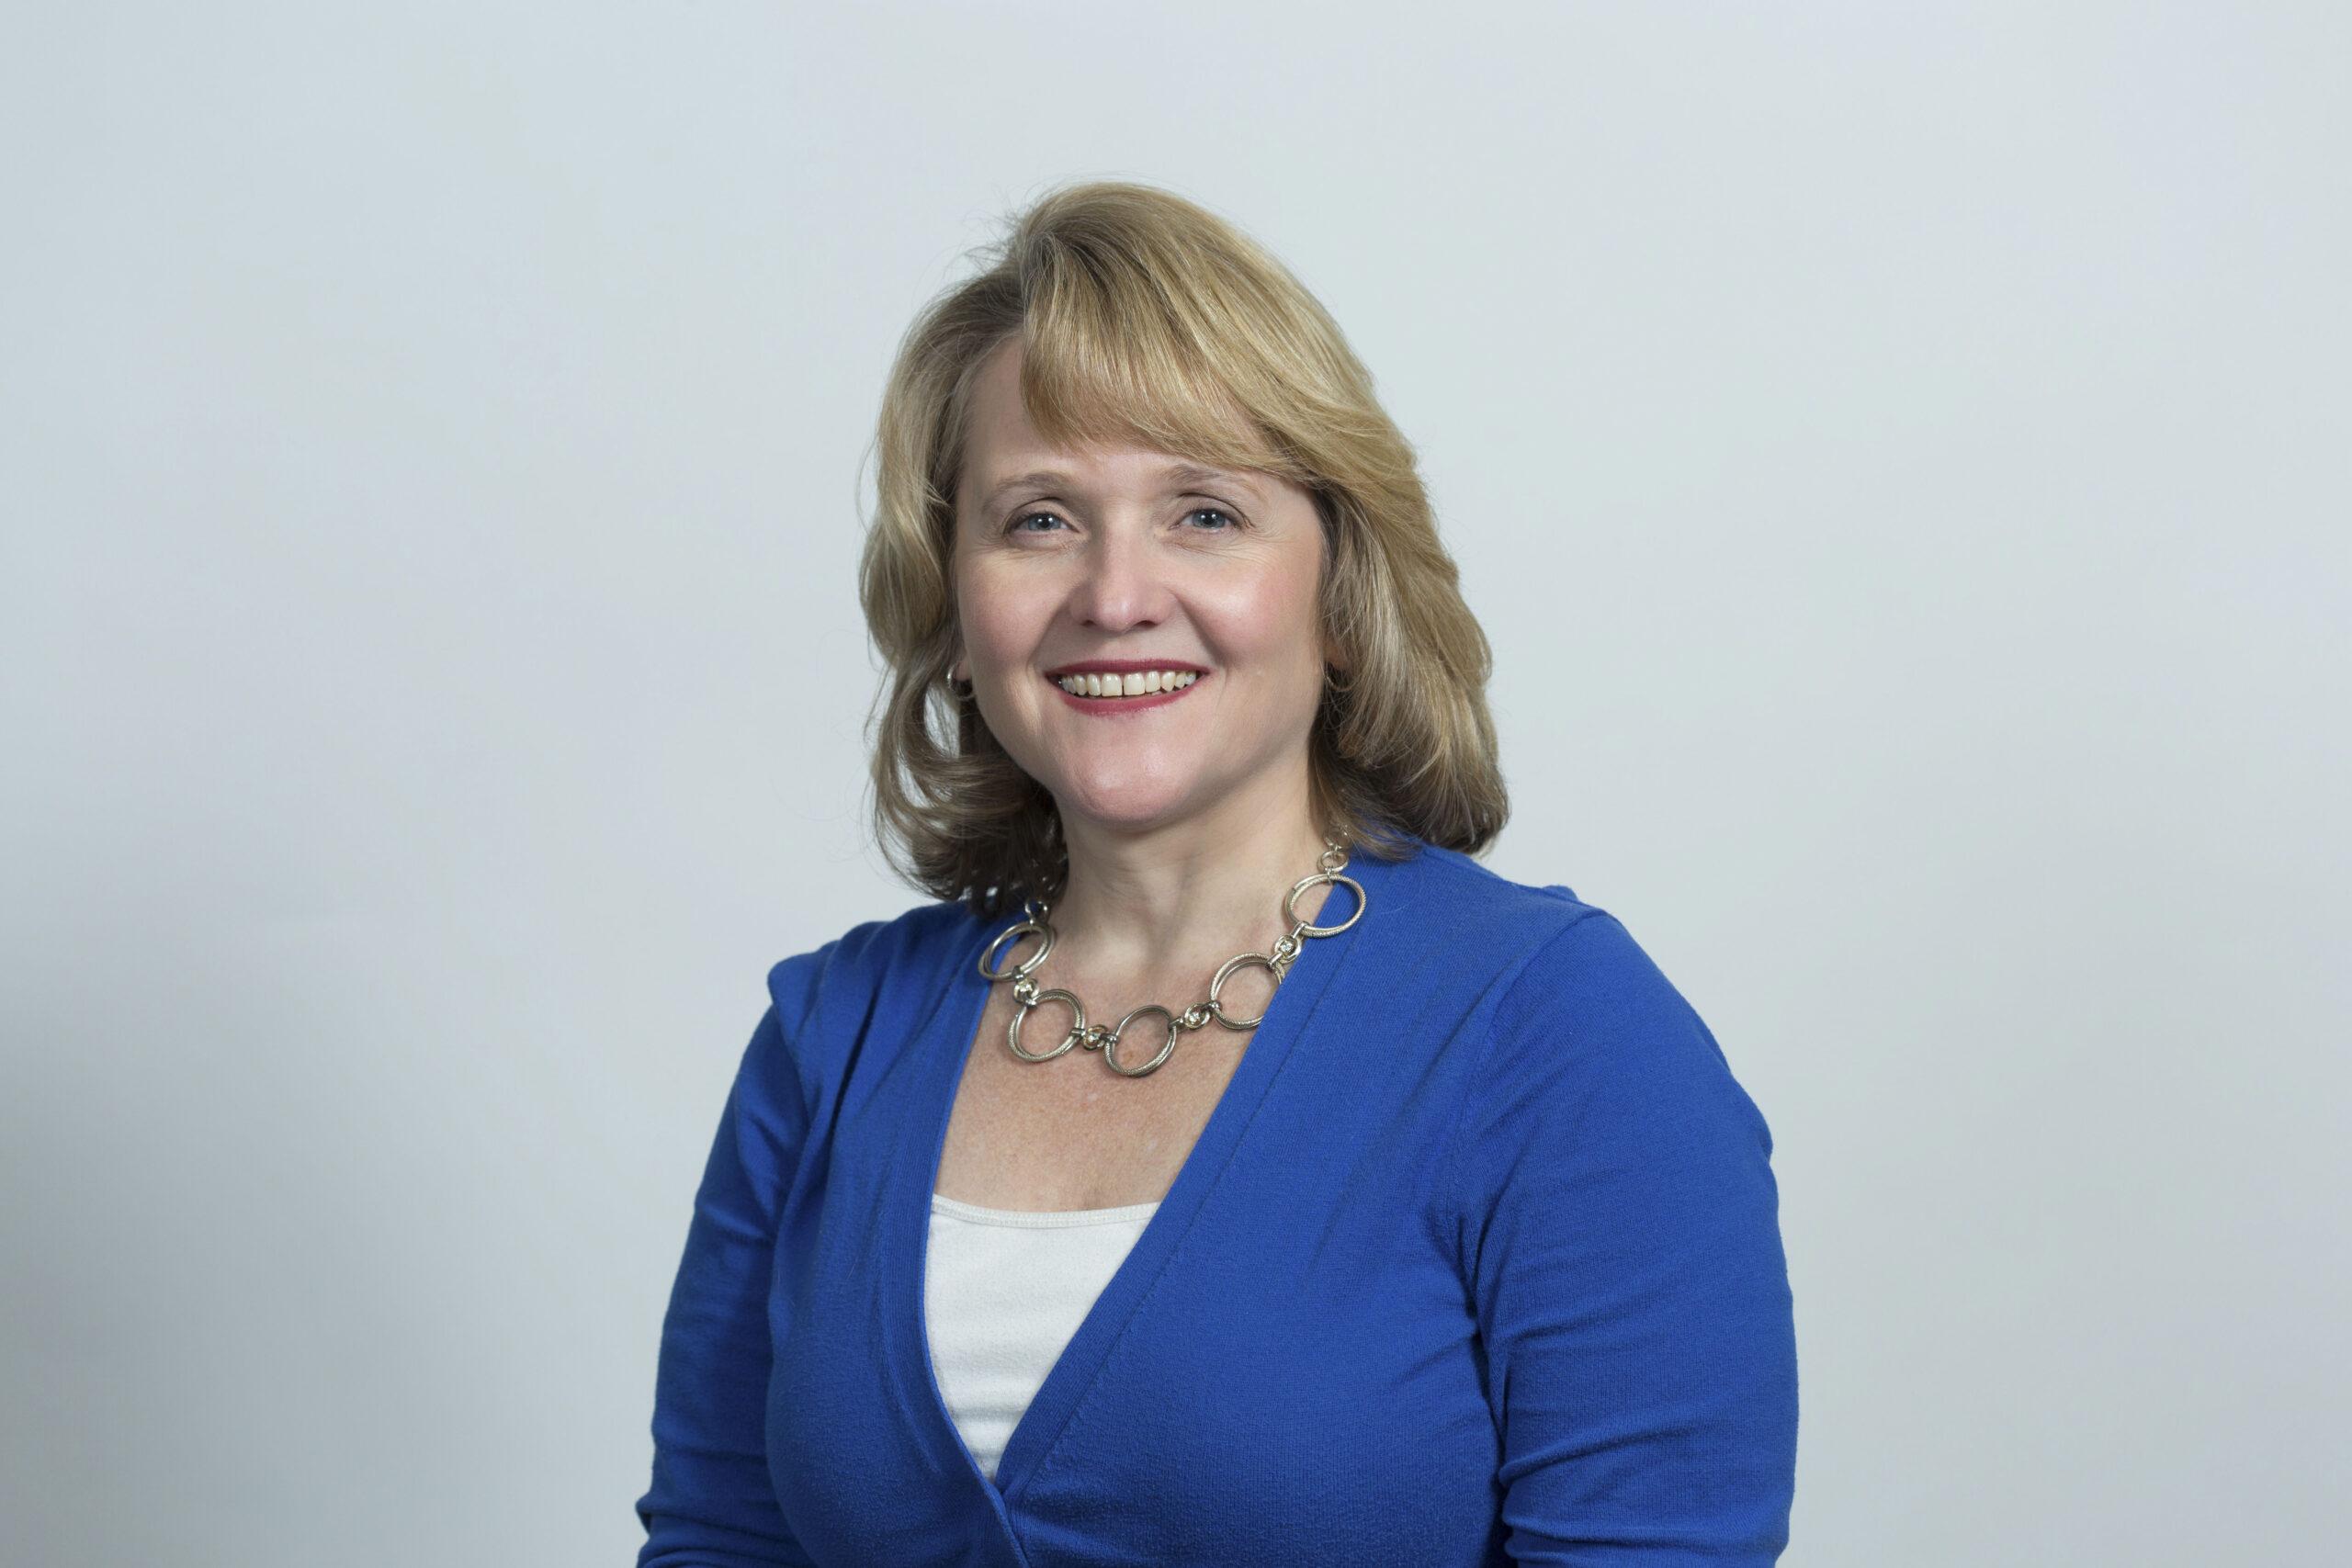 Karen Gianni